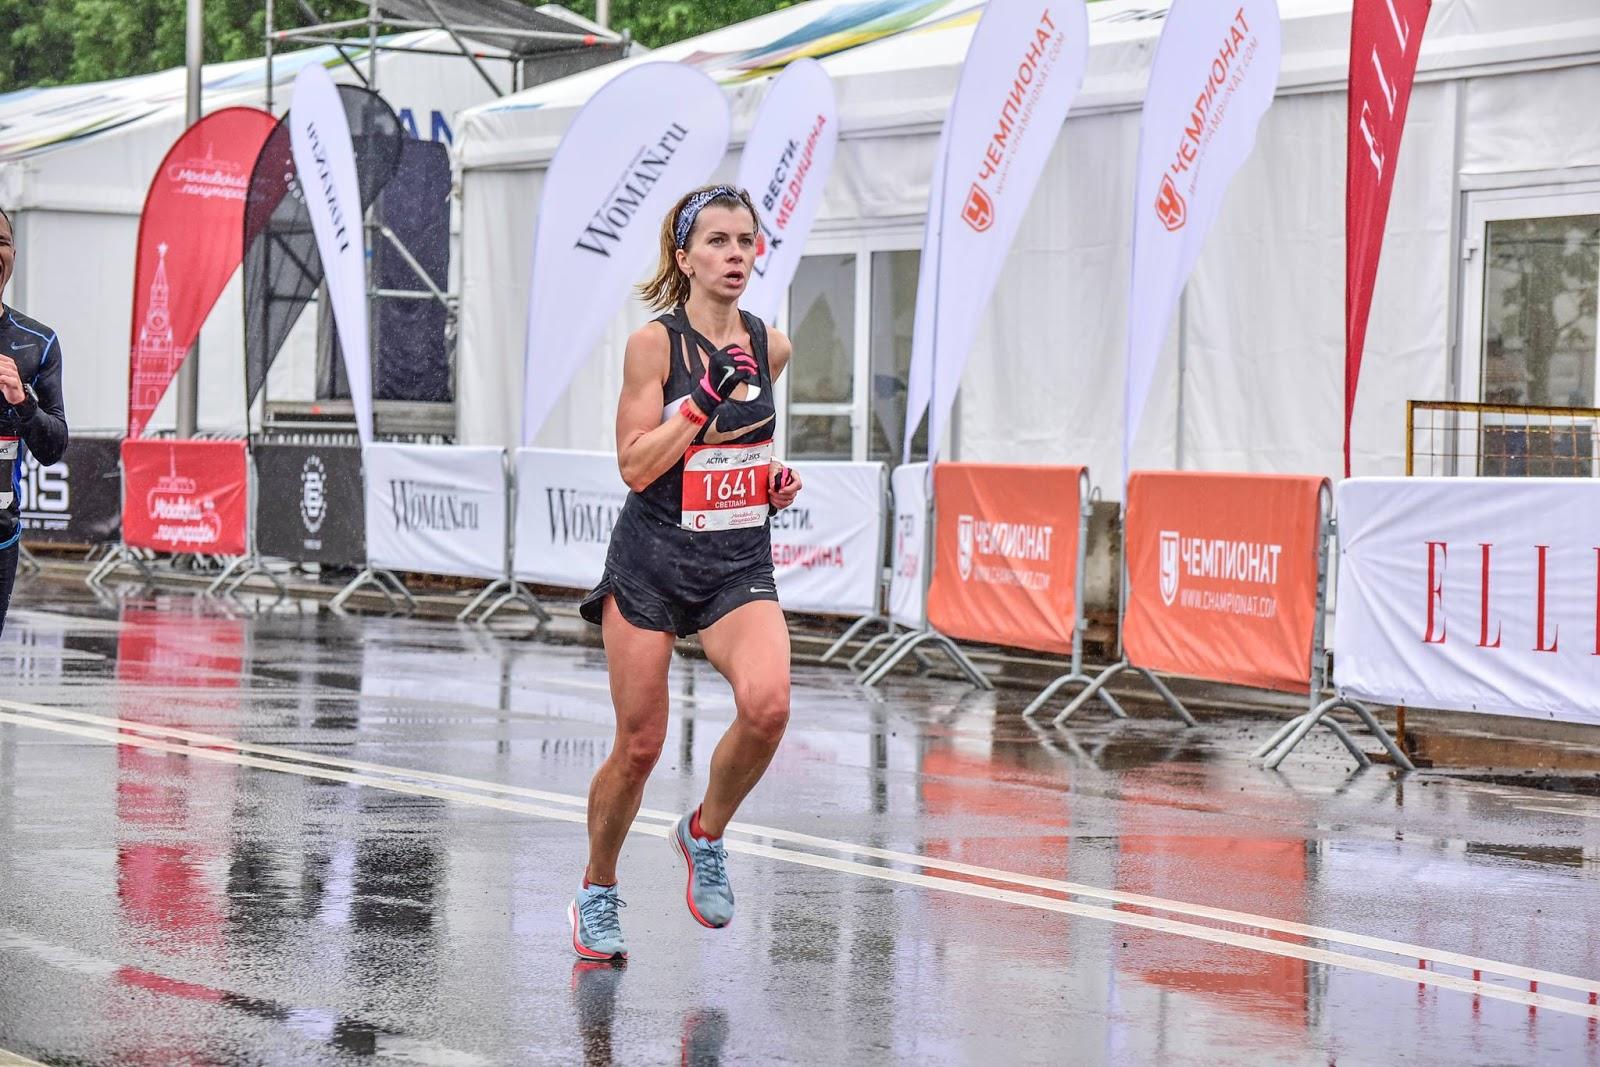 Светлана Негребецкая об успешном преодолении Московского Полумарафона 20 мая 2018 года